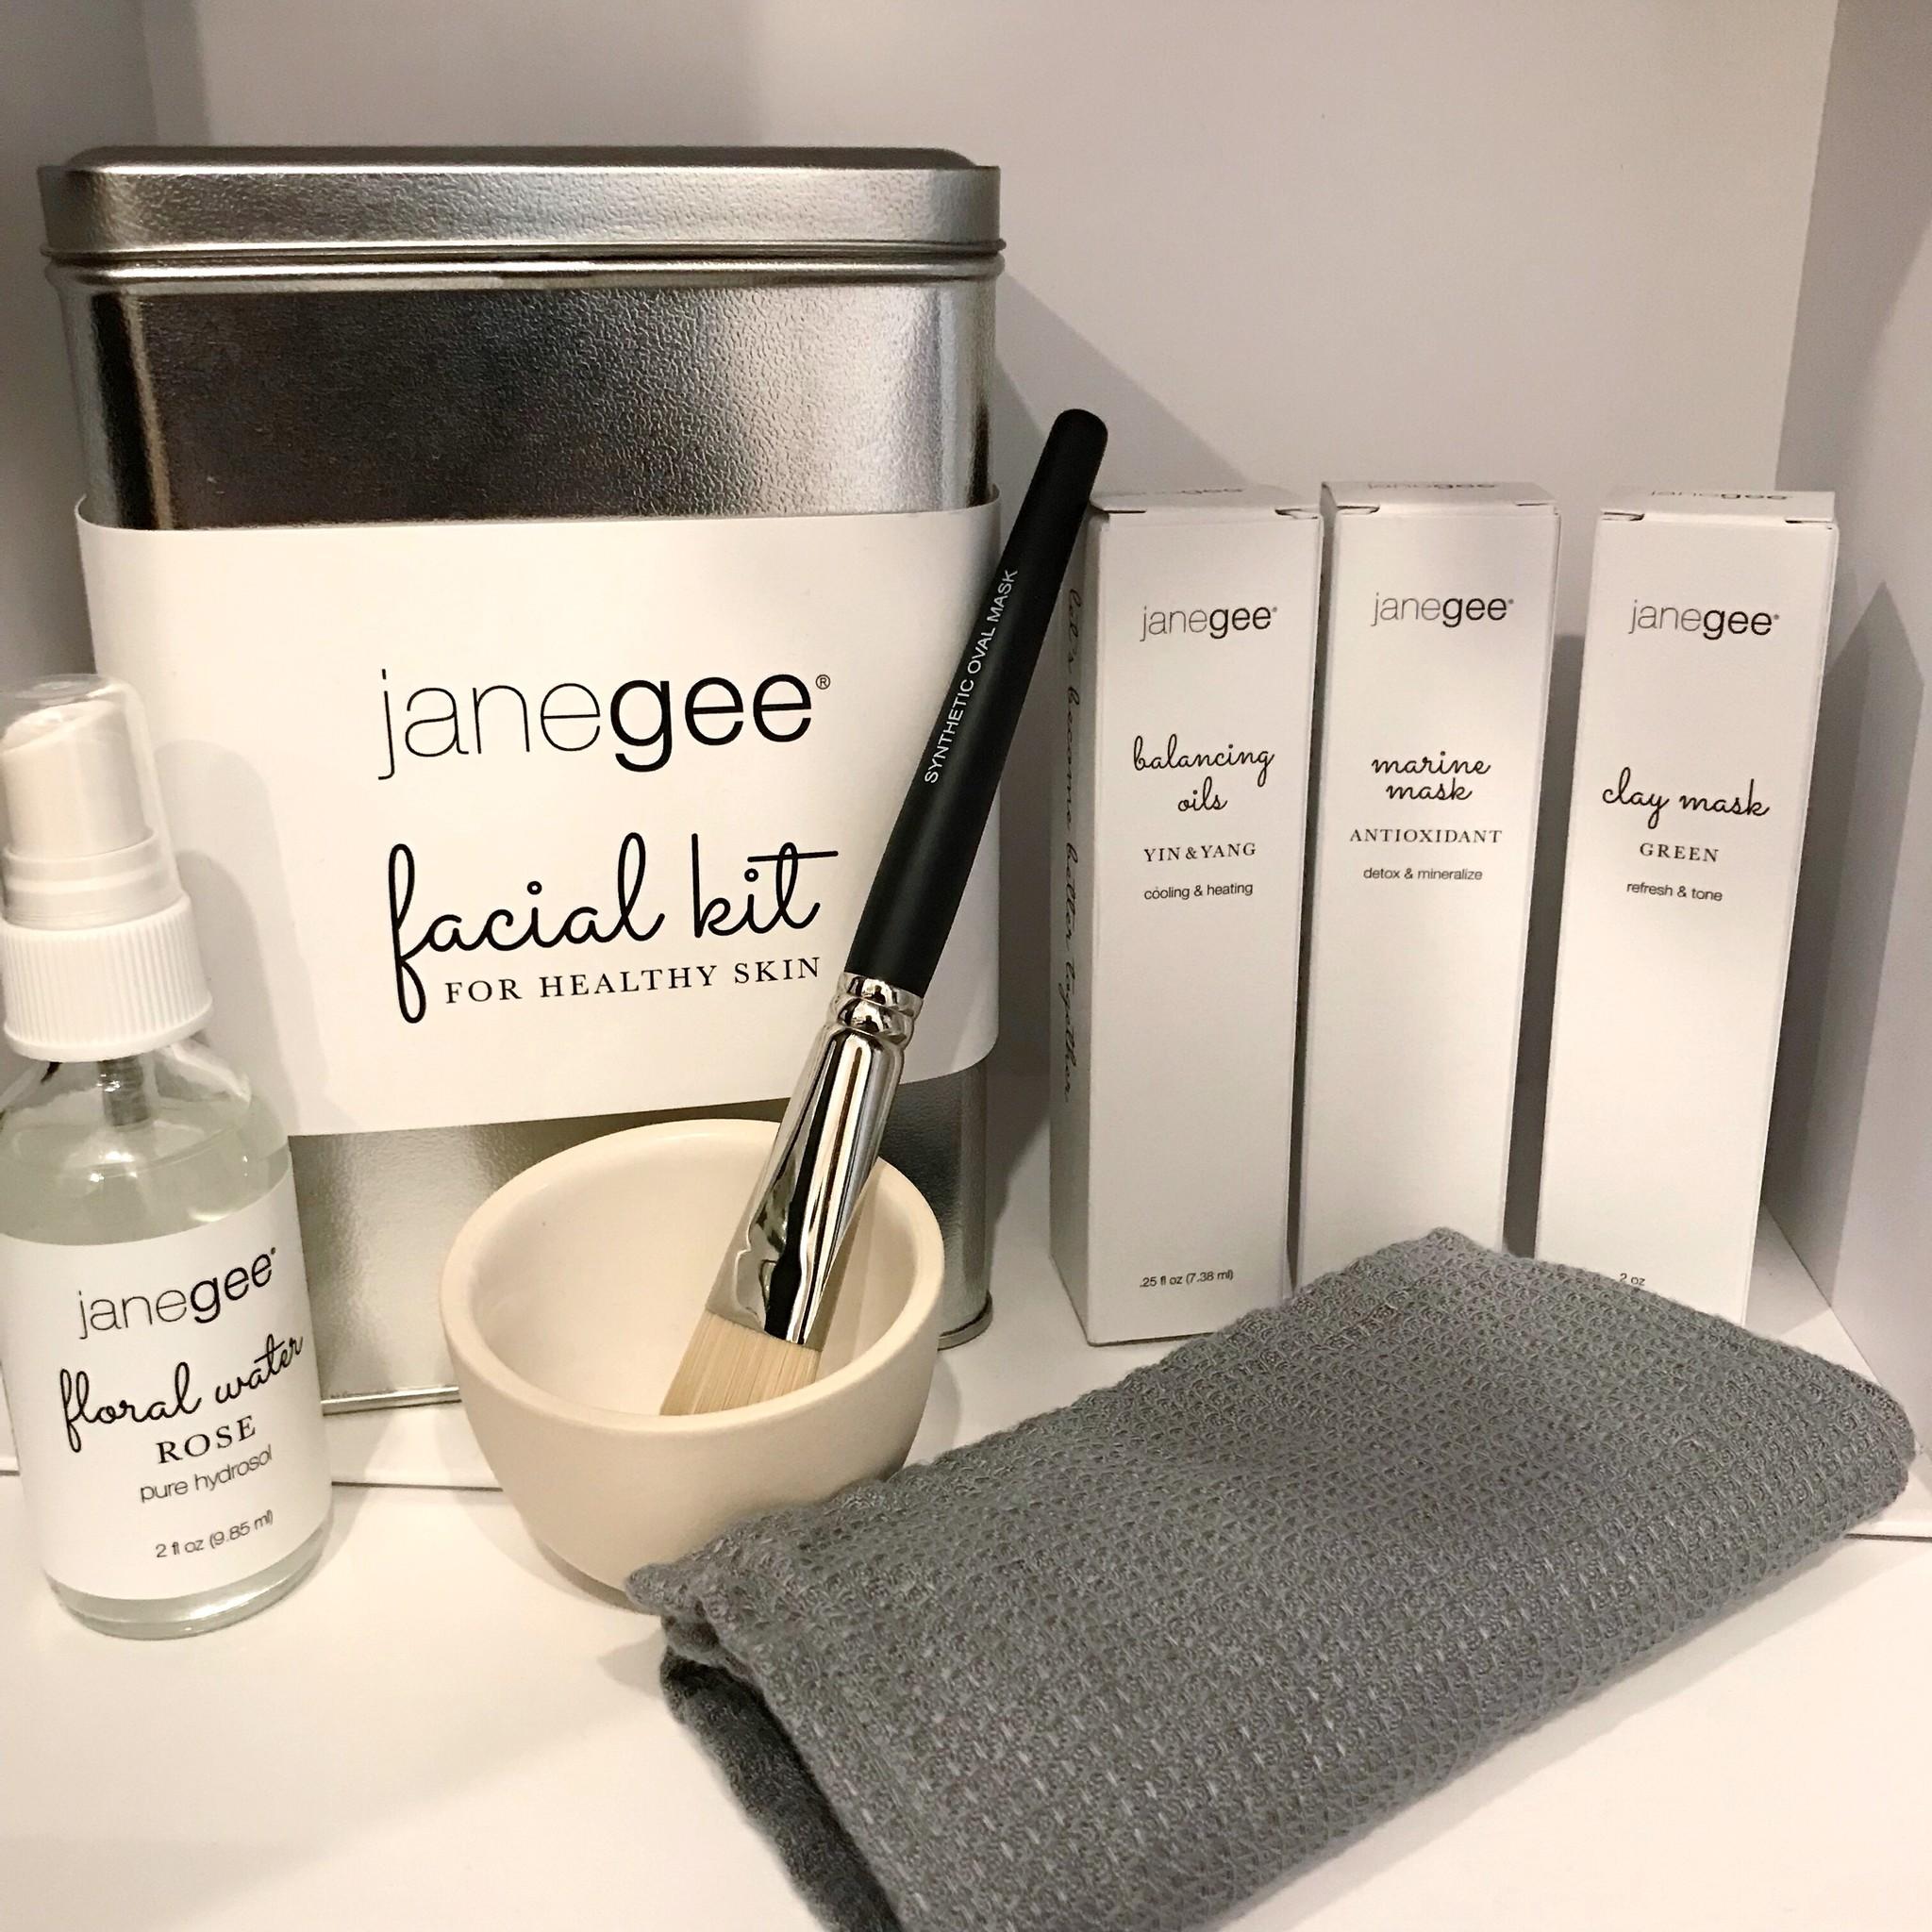 janegee Facial Kit